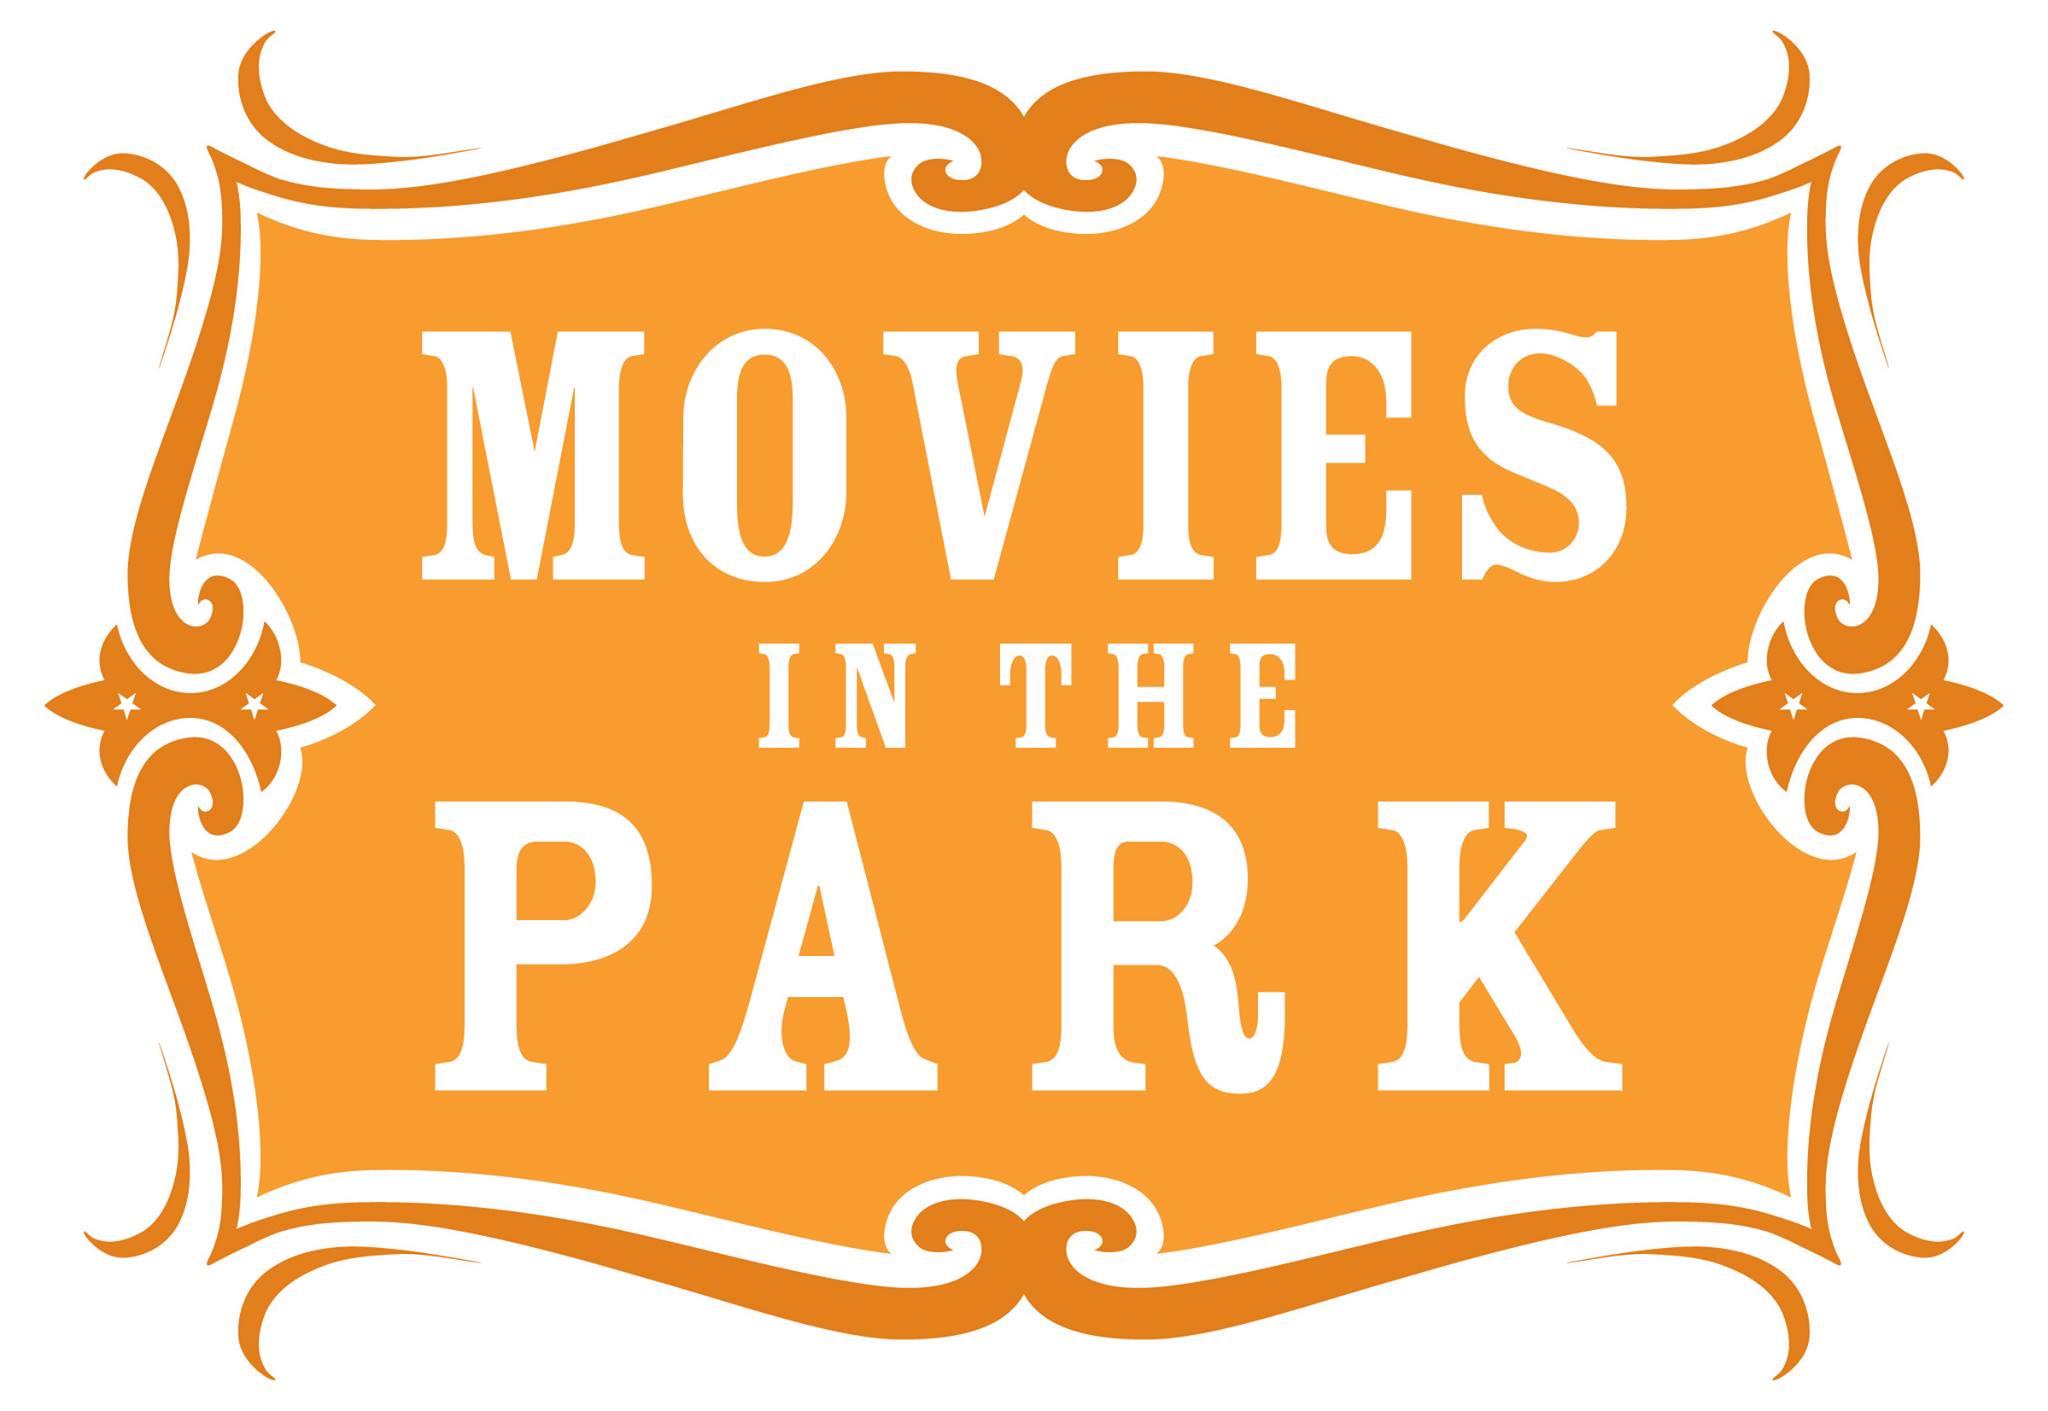 movies in the park_1533758569840.jpg-118809306.jpg